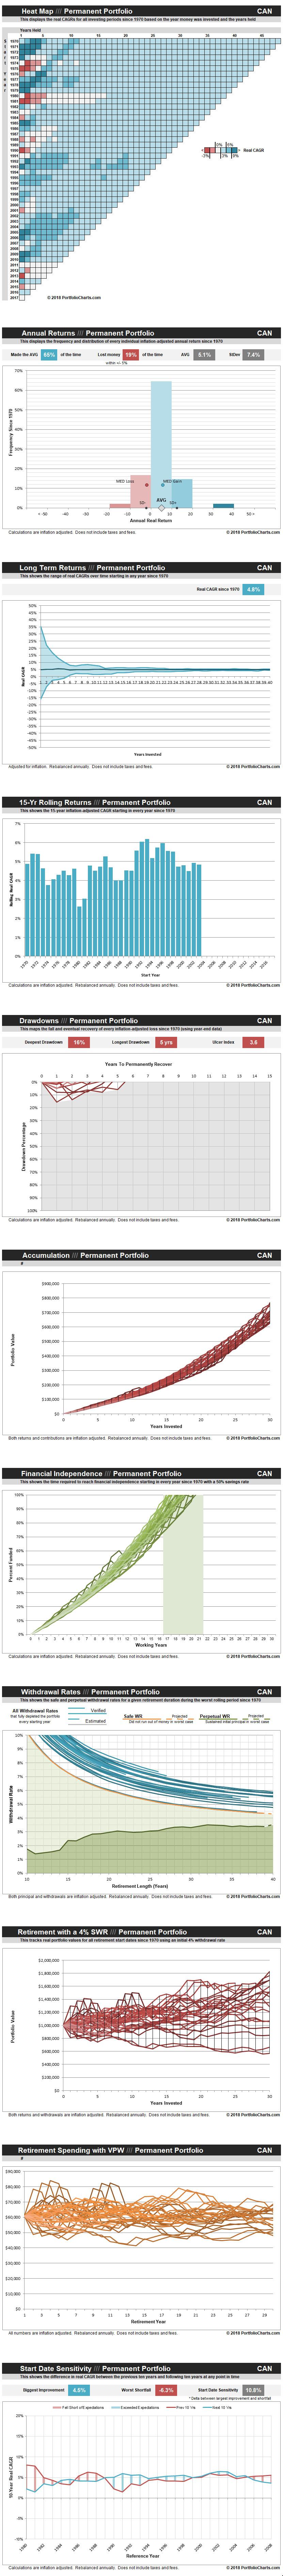 permanent-portfolio-CAN-20180508